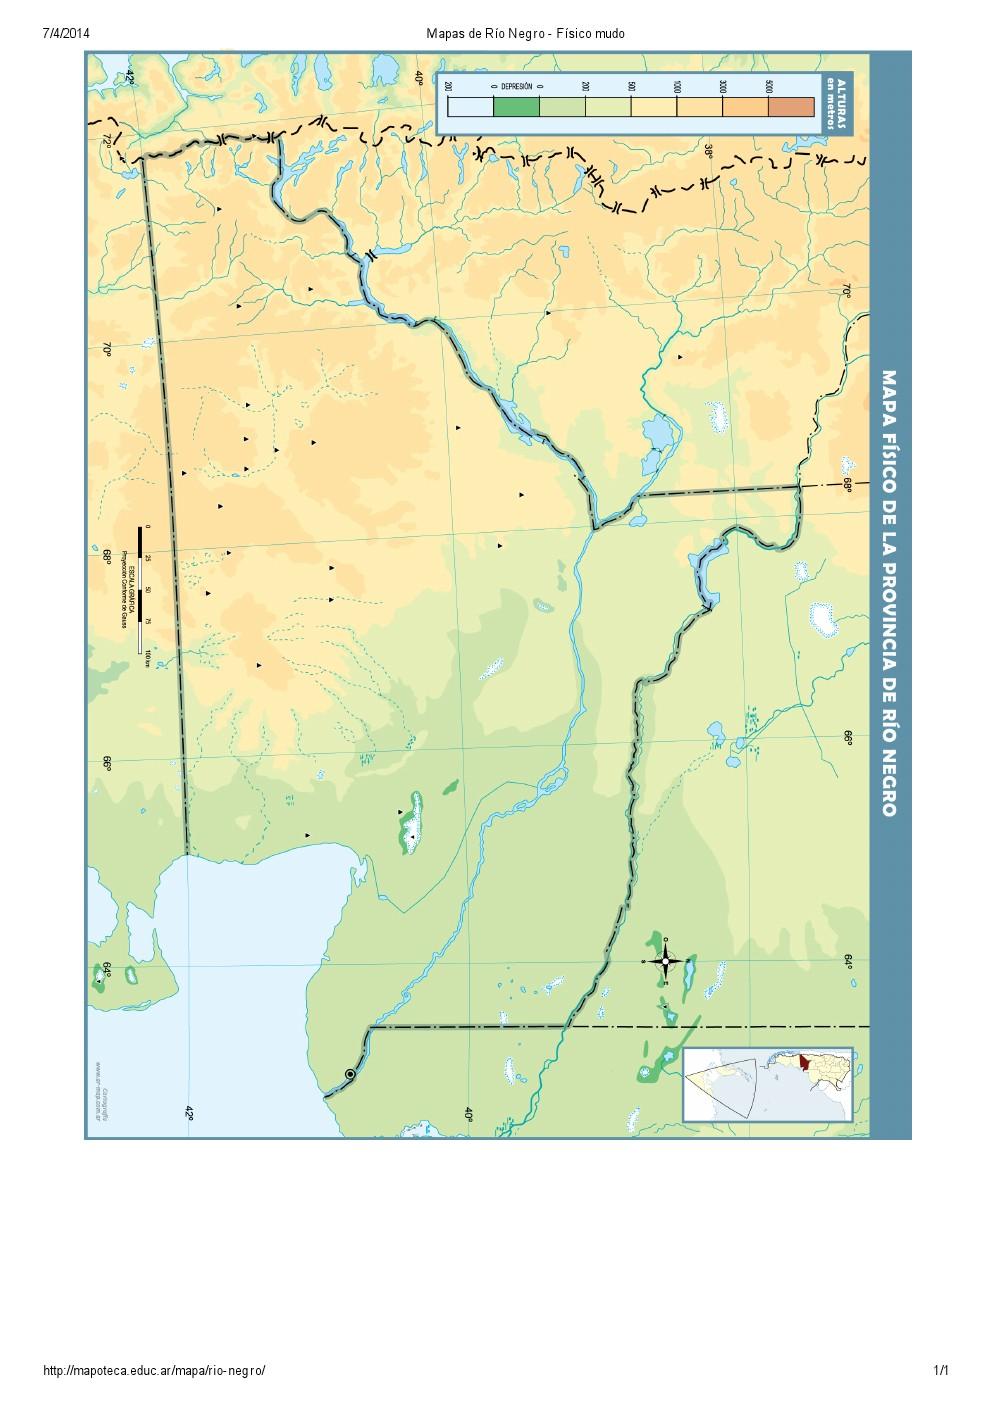 Mapa mudo de ríos de Río Negro. Mapoteca de Educ.ar